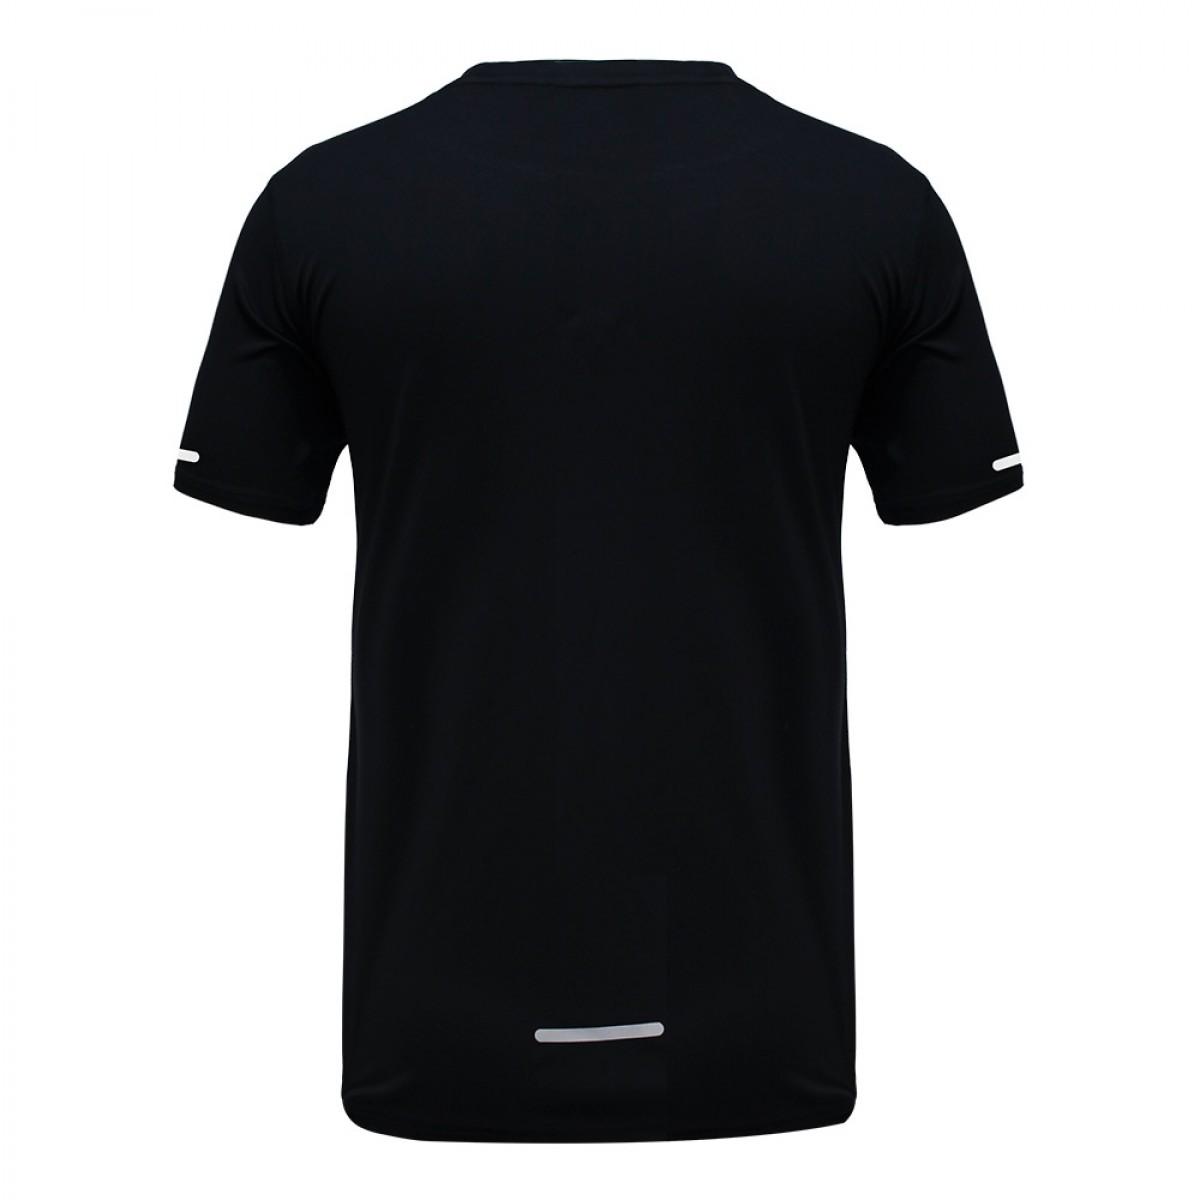 men-knitted-round-neck-t-shirt-kkrt15968-8a